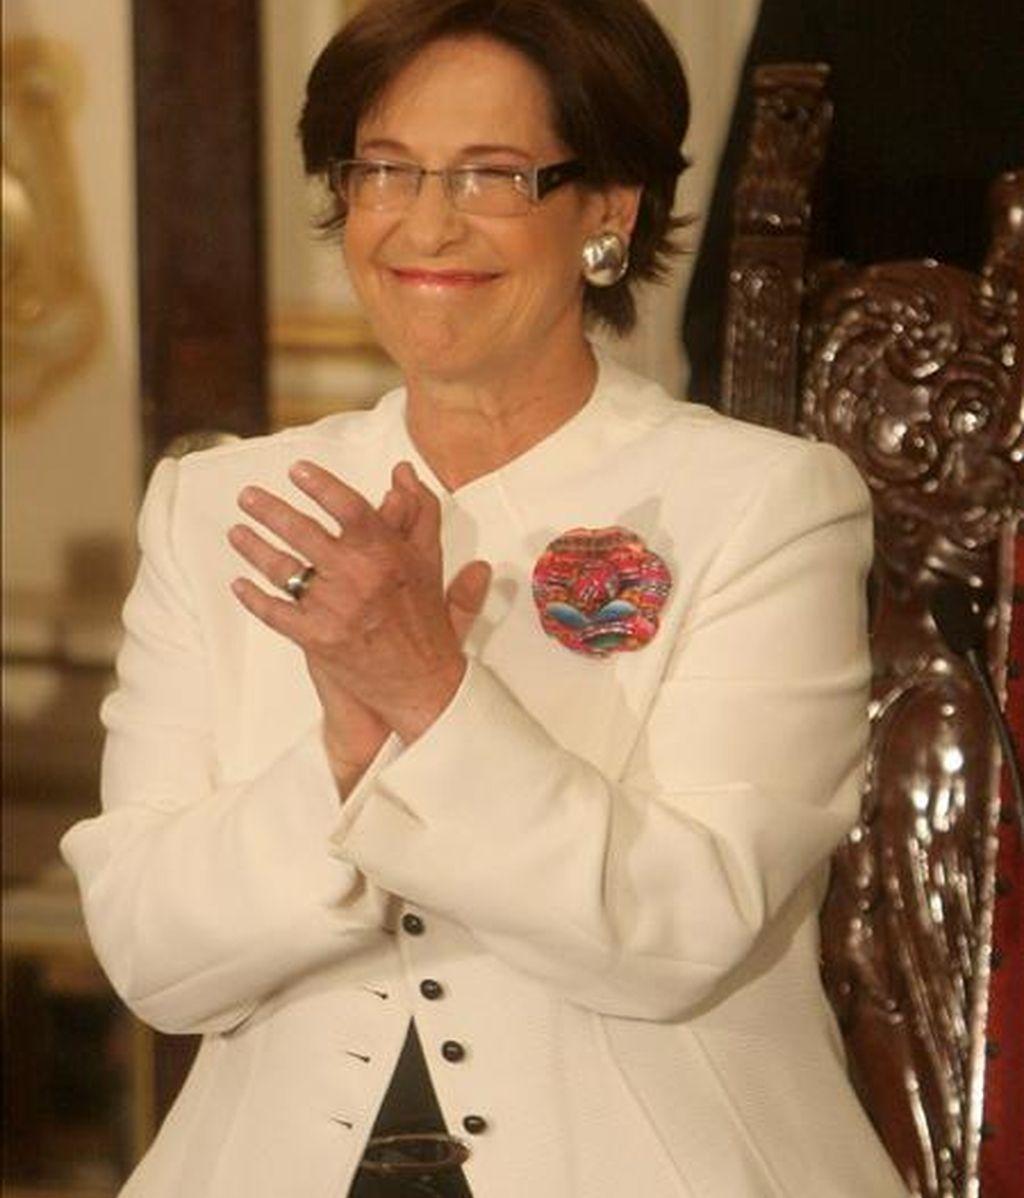 La alcaldesa de la ciudad de Lima, Susana Villarán, jura a su cargo este 3 de enero en el Palacio Municipal en la capital limeña. EFE